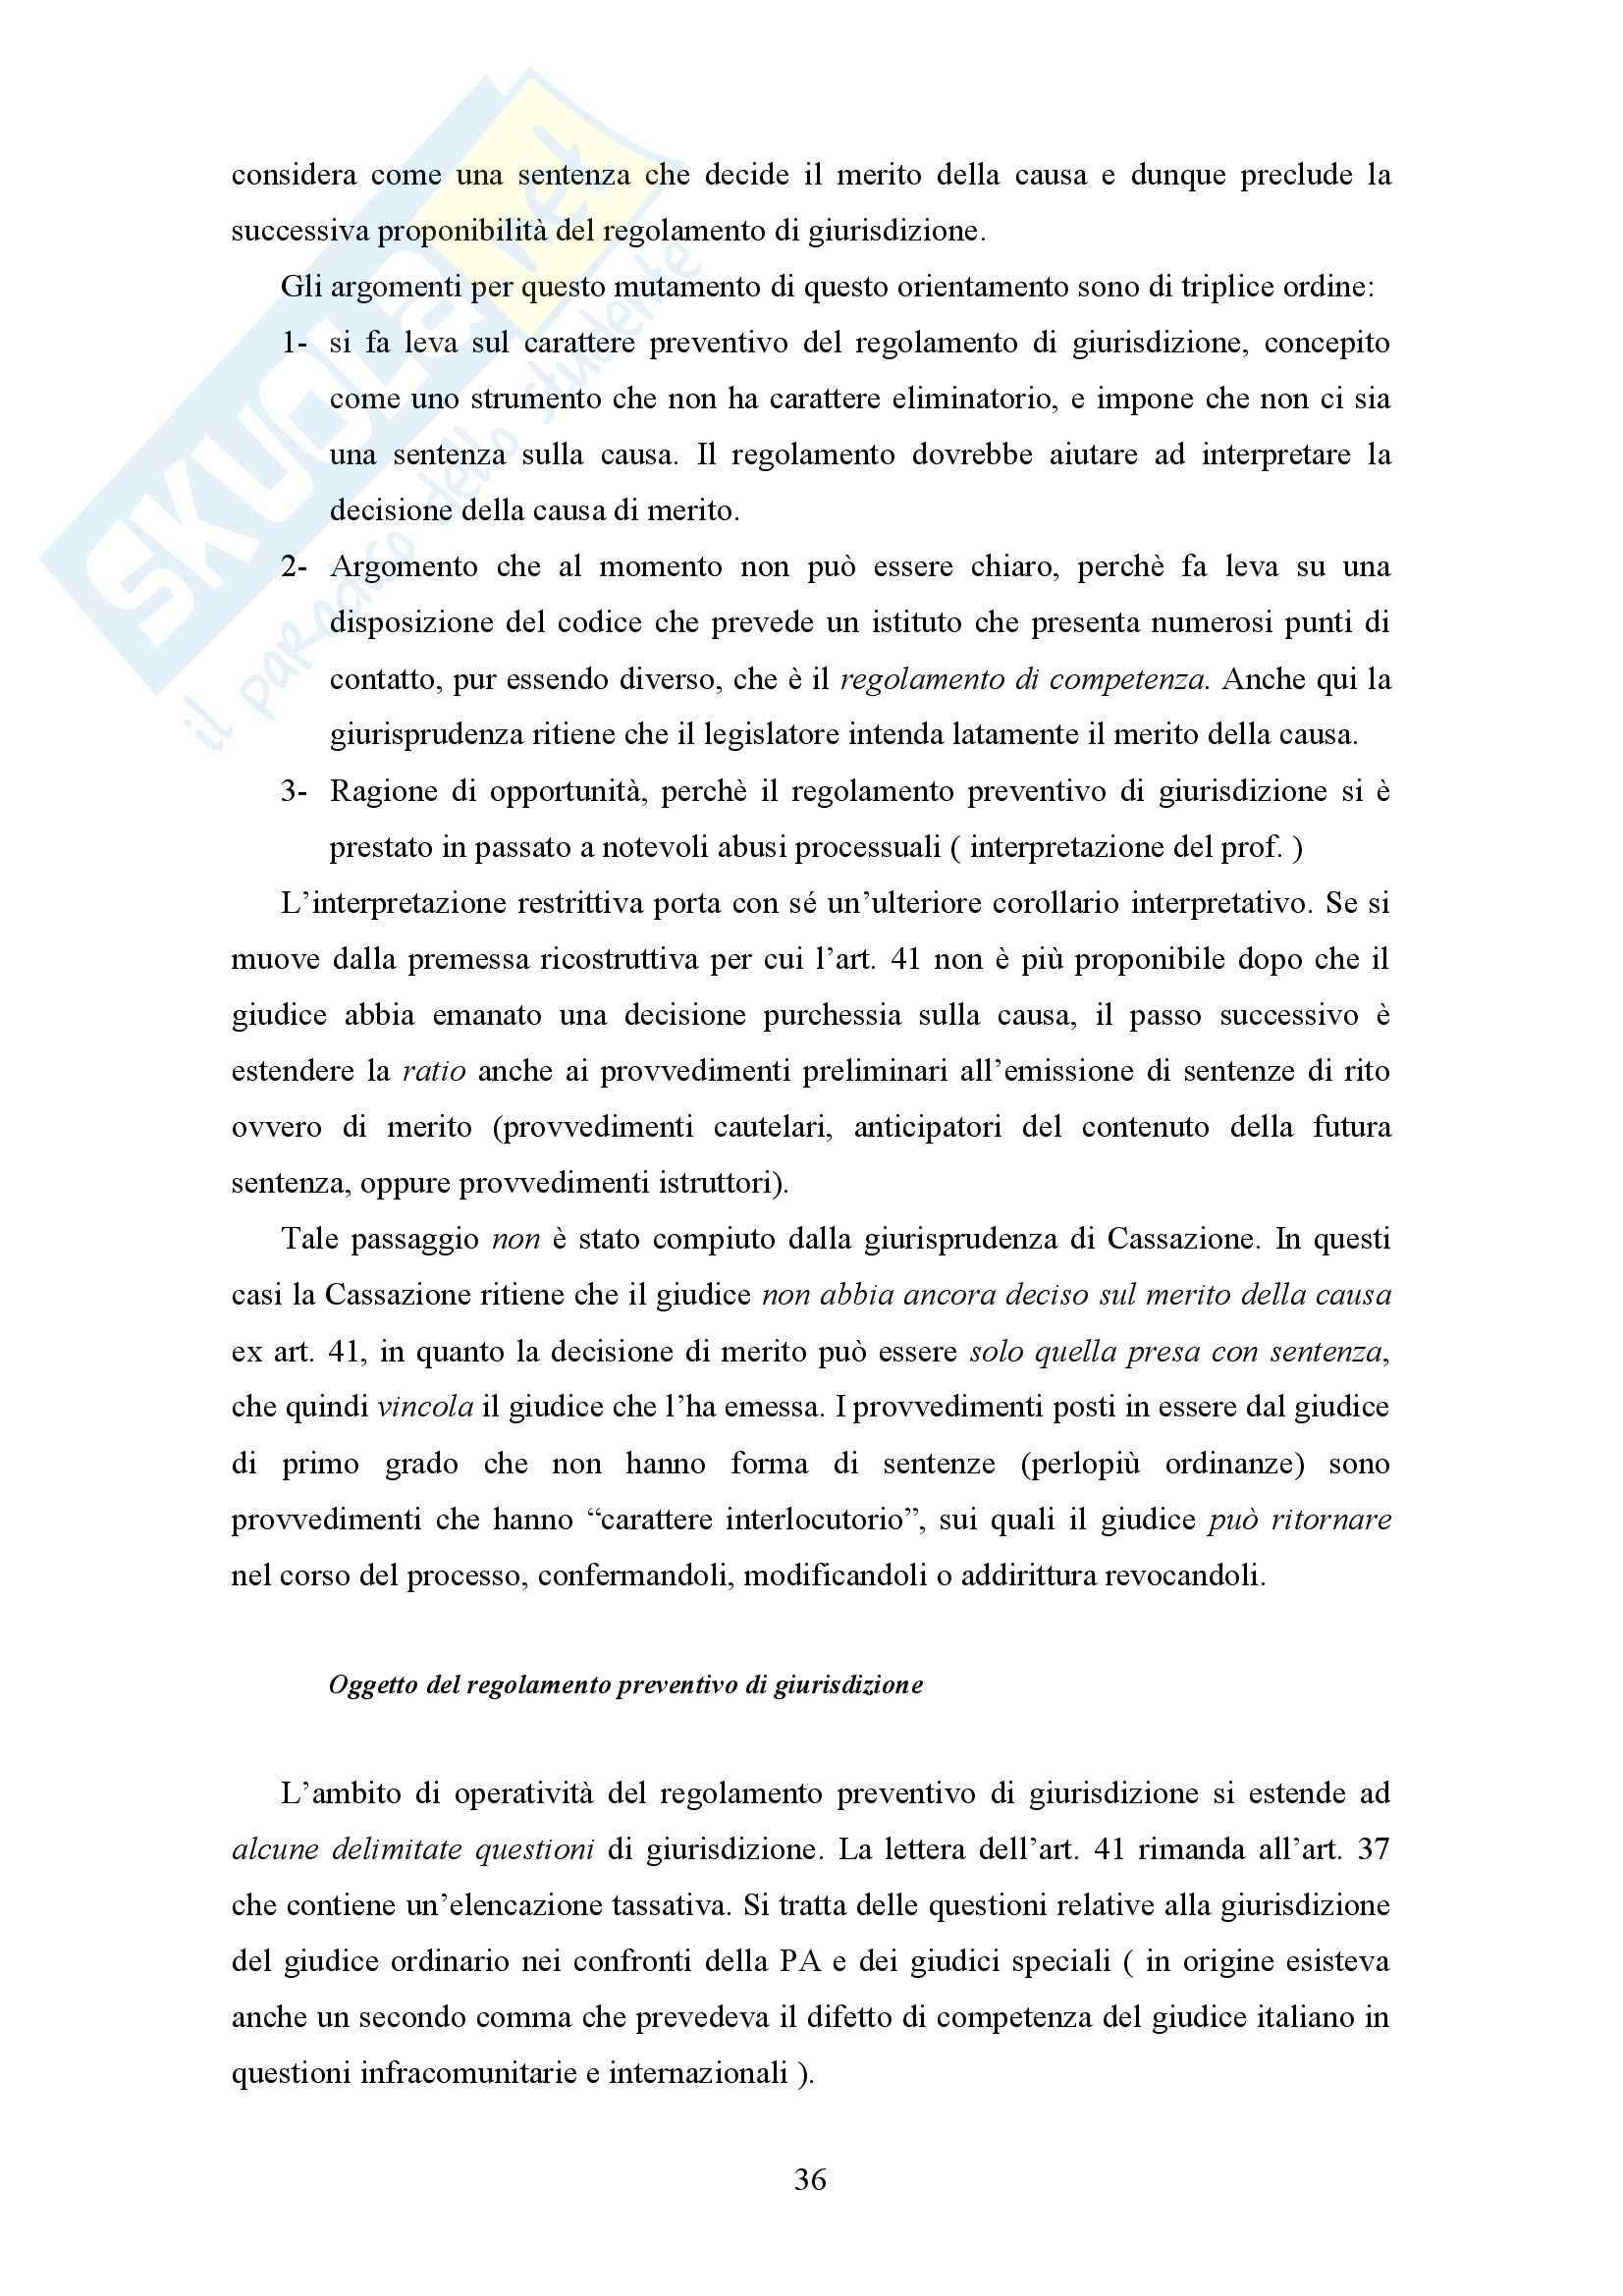 Diritto processuale civile - concetti fondamentali Pag. 36